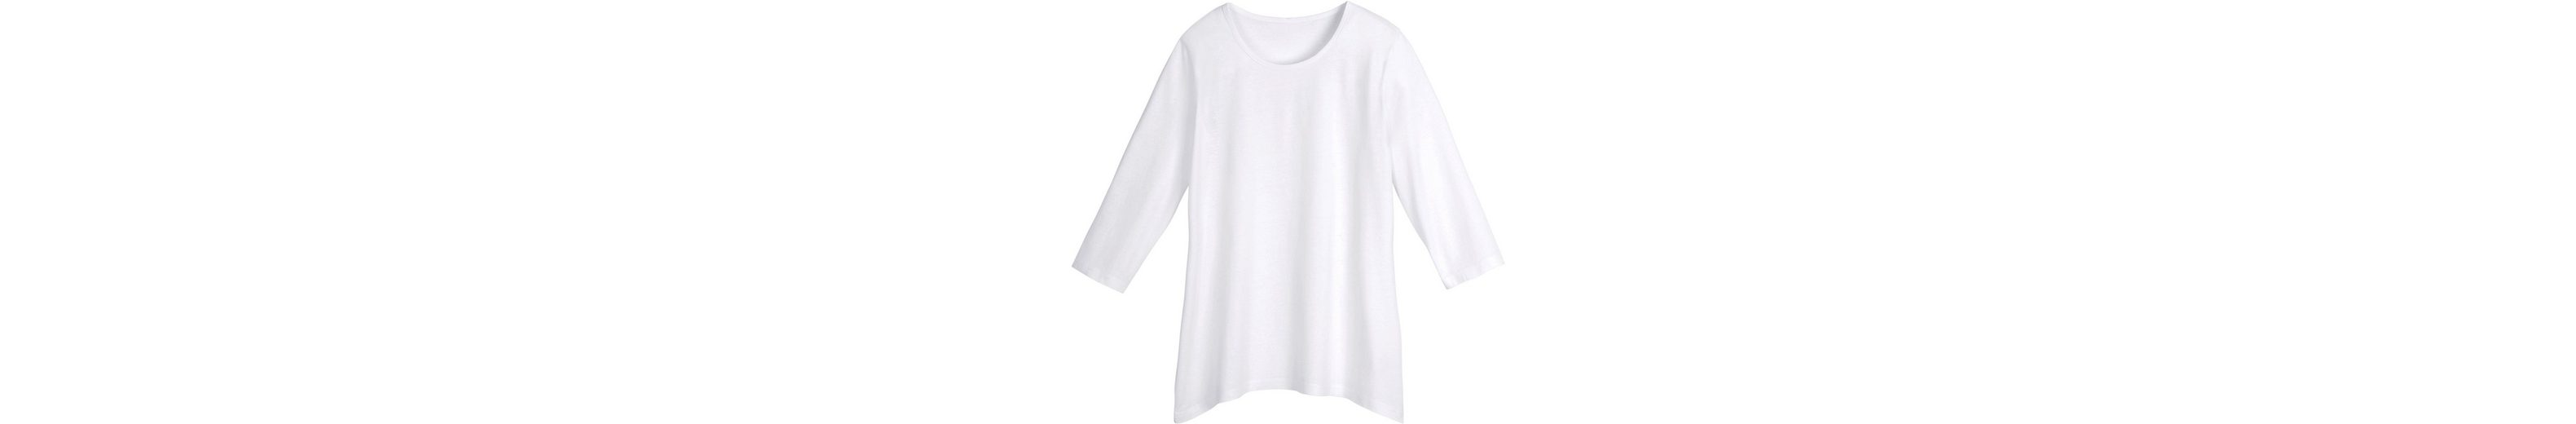 Classic Basics Shirt mit 3/4-Ärmeln Freies Verschiffen Kauf qWgMMUBRs6